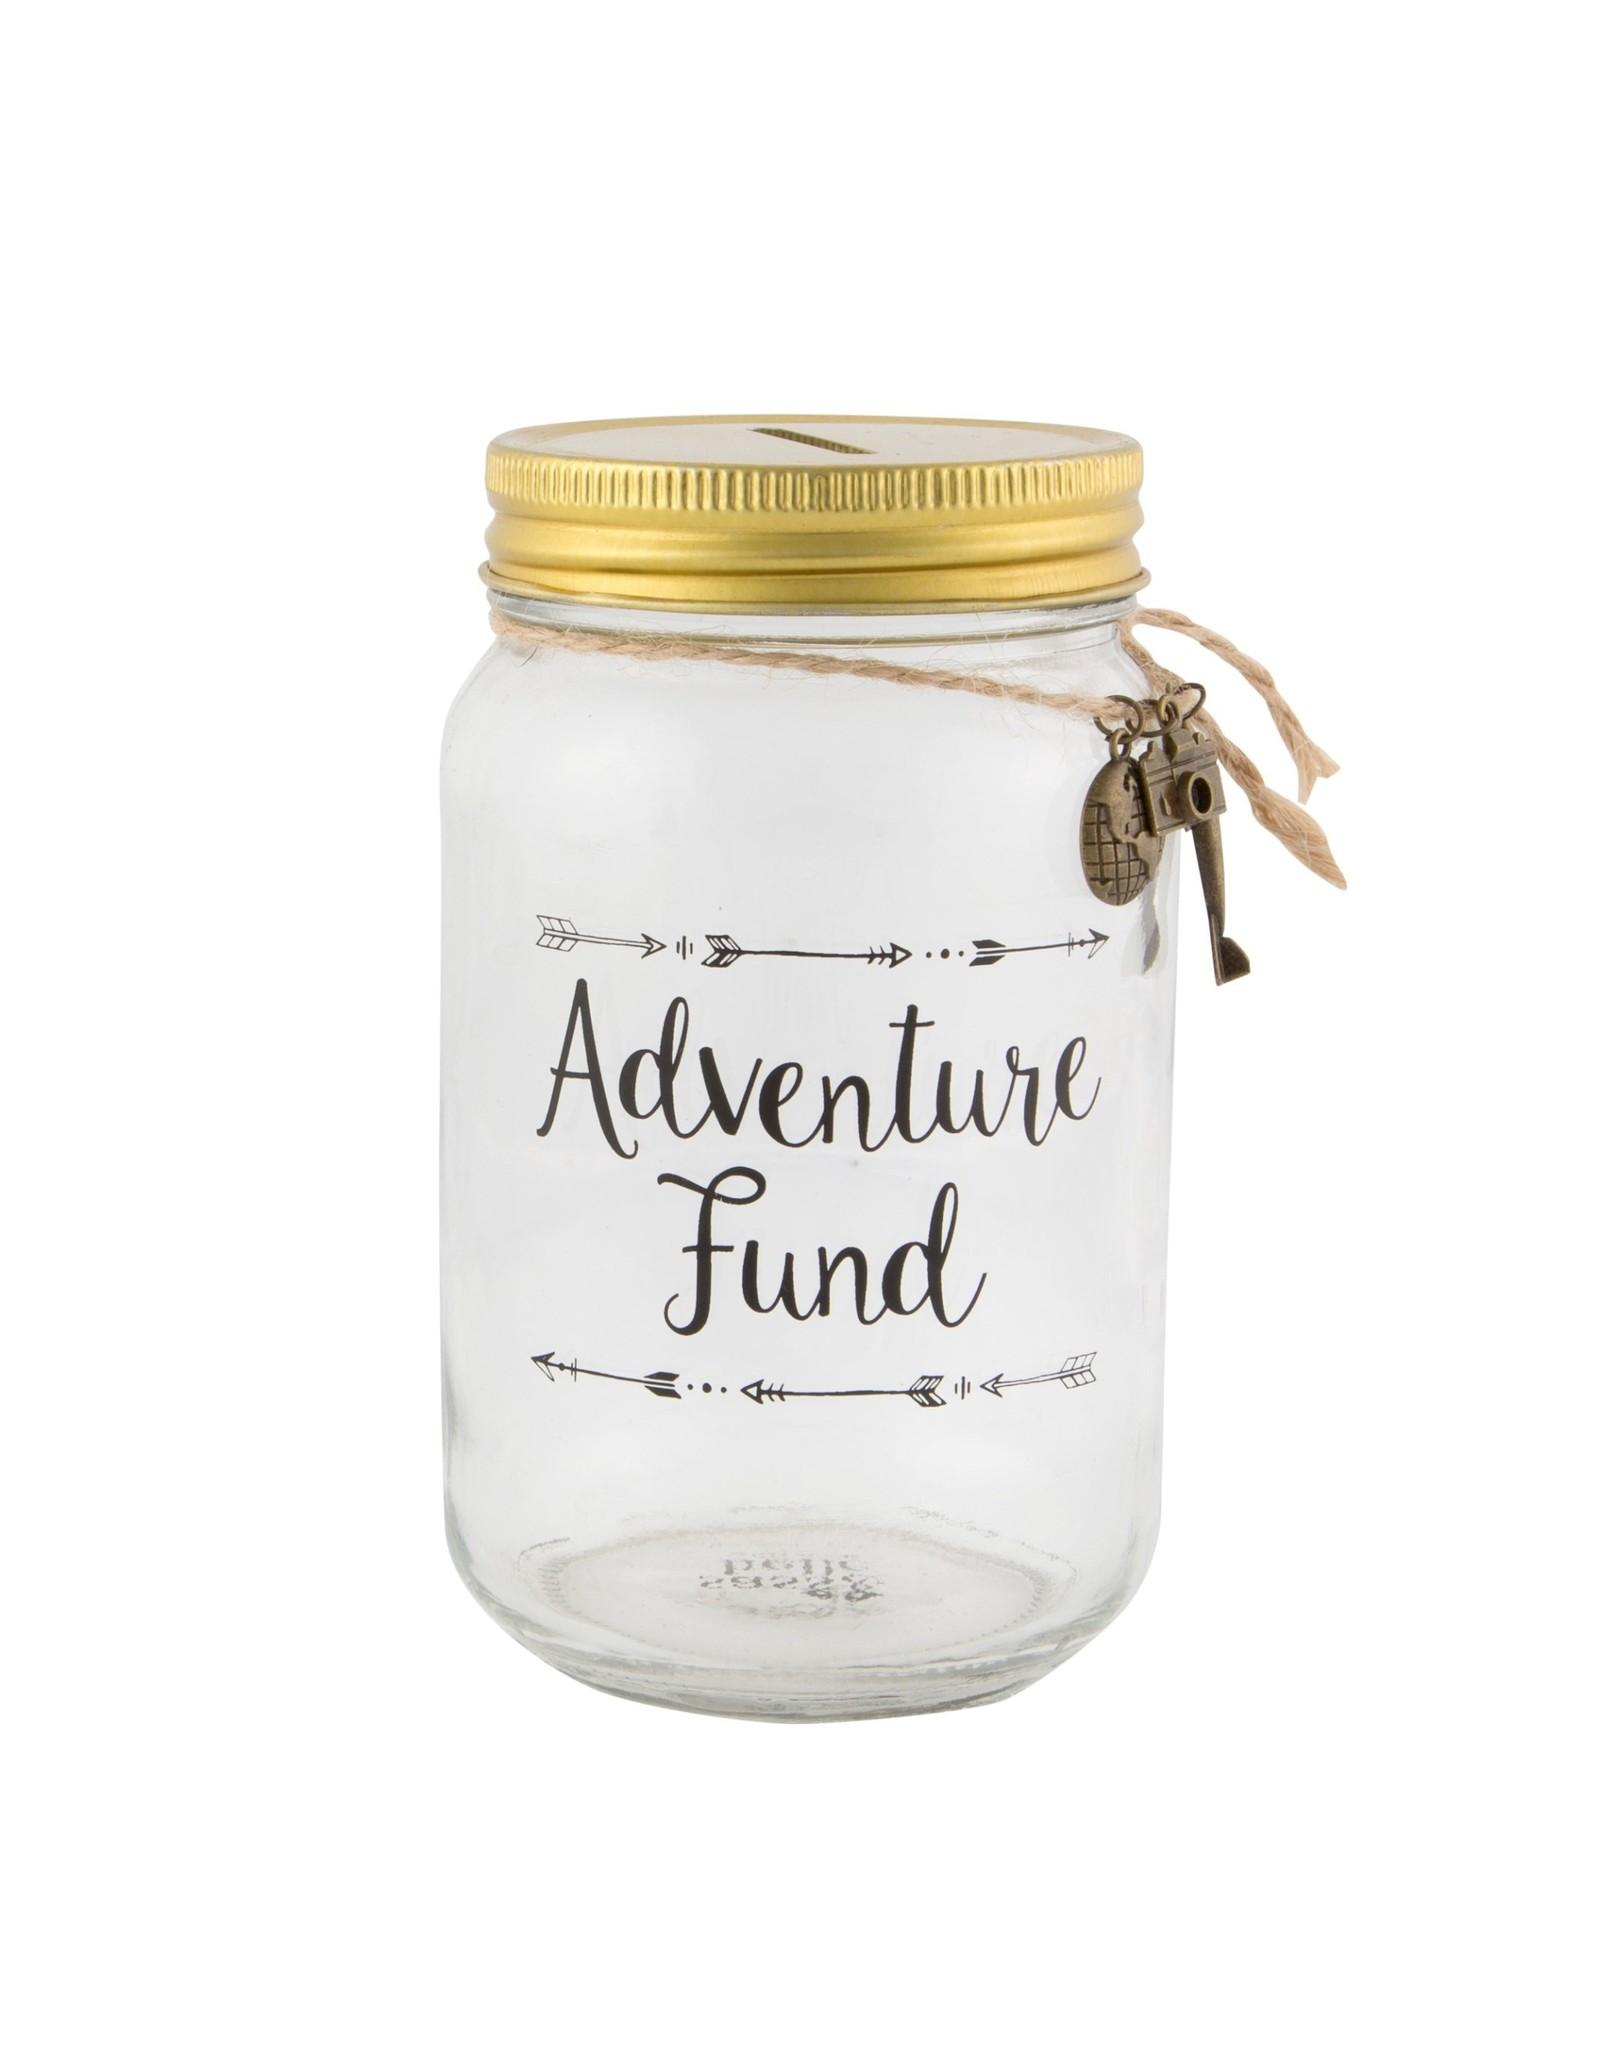 moneybox - adventure fund